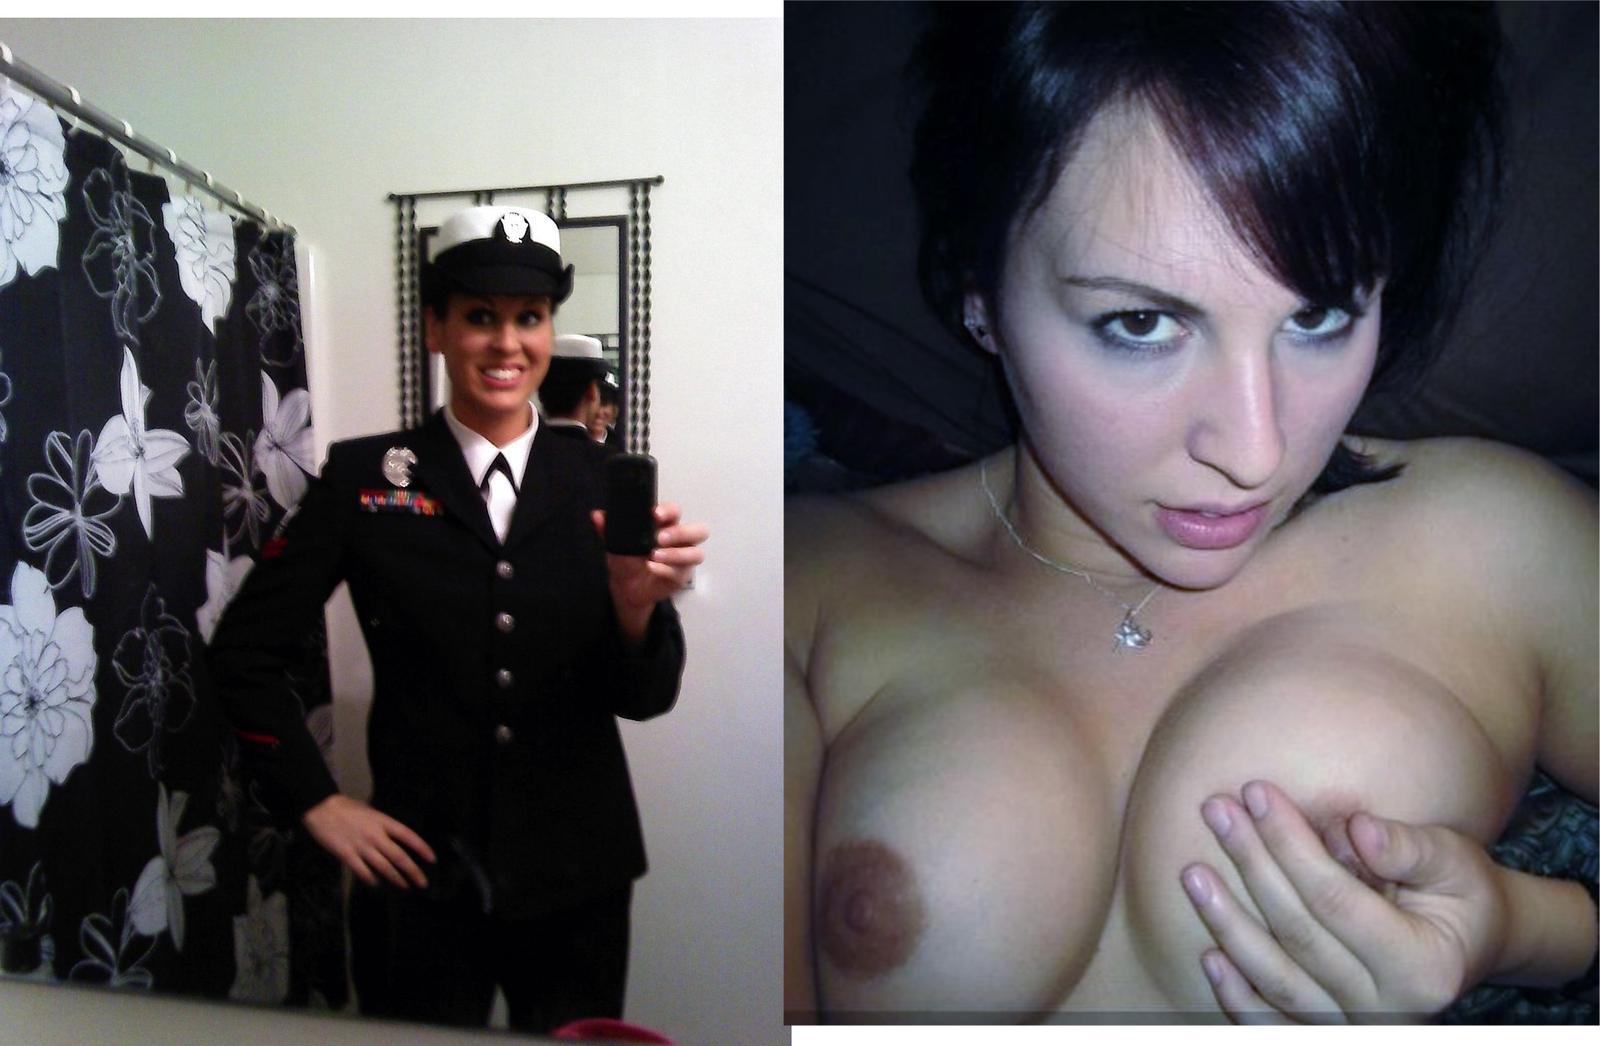 razvrat-v-armii-eroticheskie-foto-pishki-mamochki-lyubyat-seks